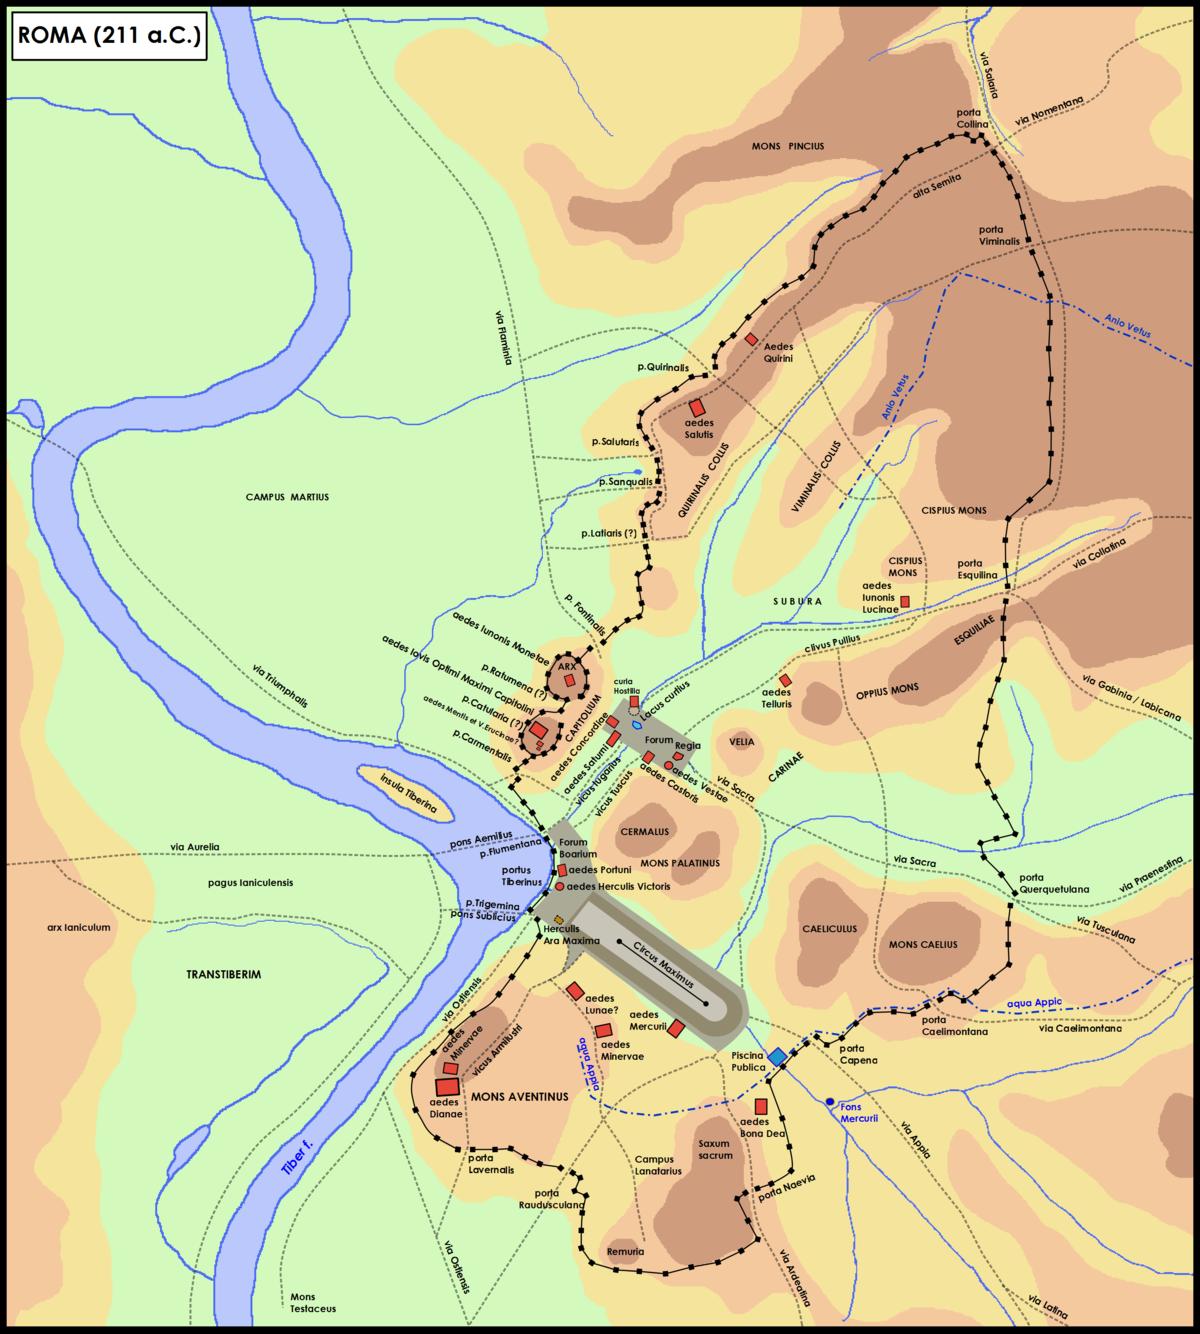 Tempio della bona dea wikipedia for Mappa della costruzione di casa